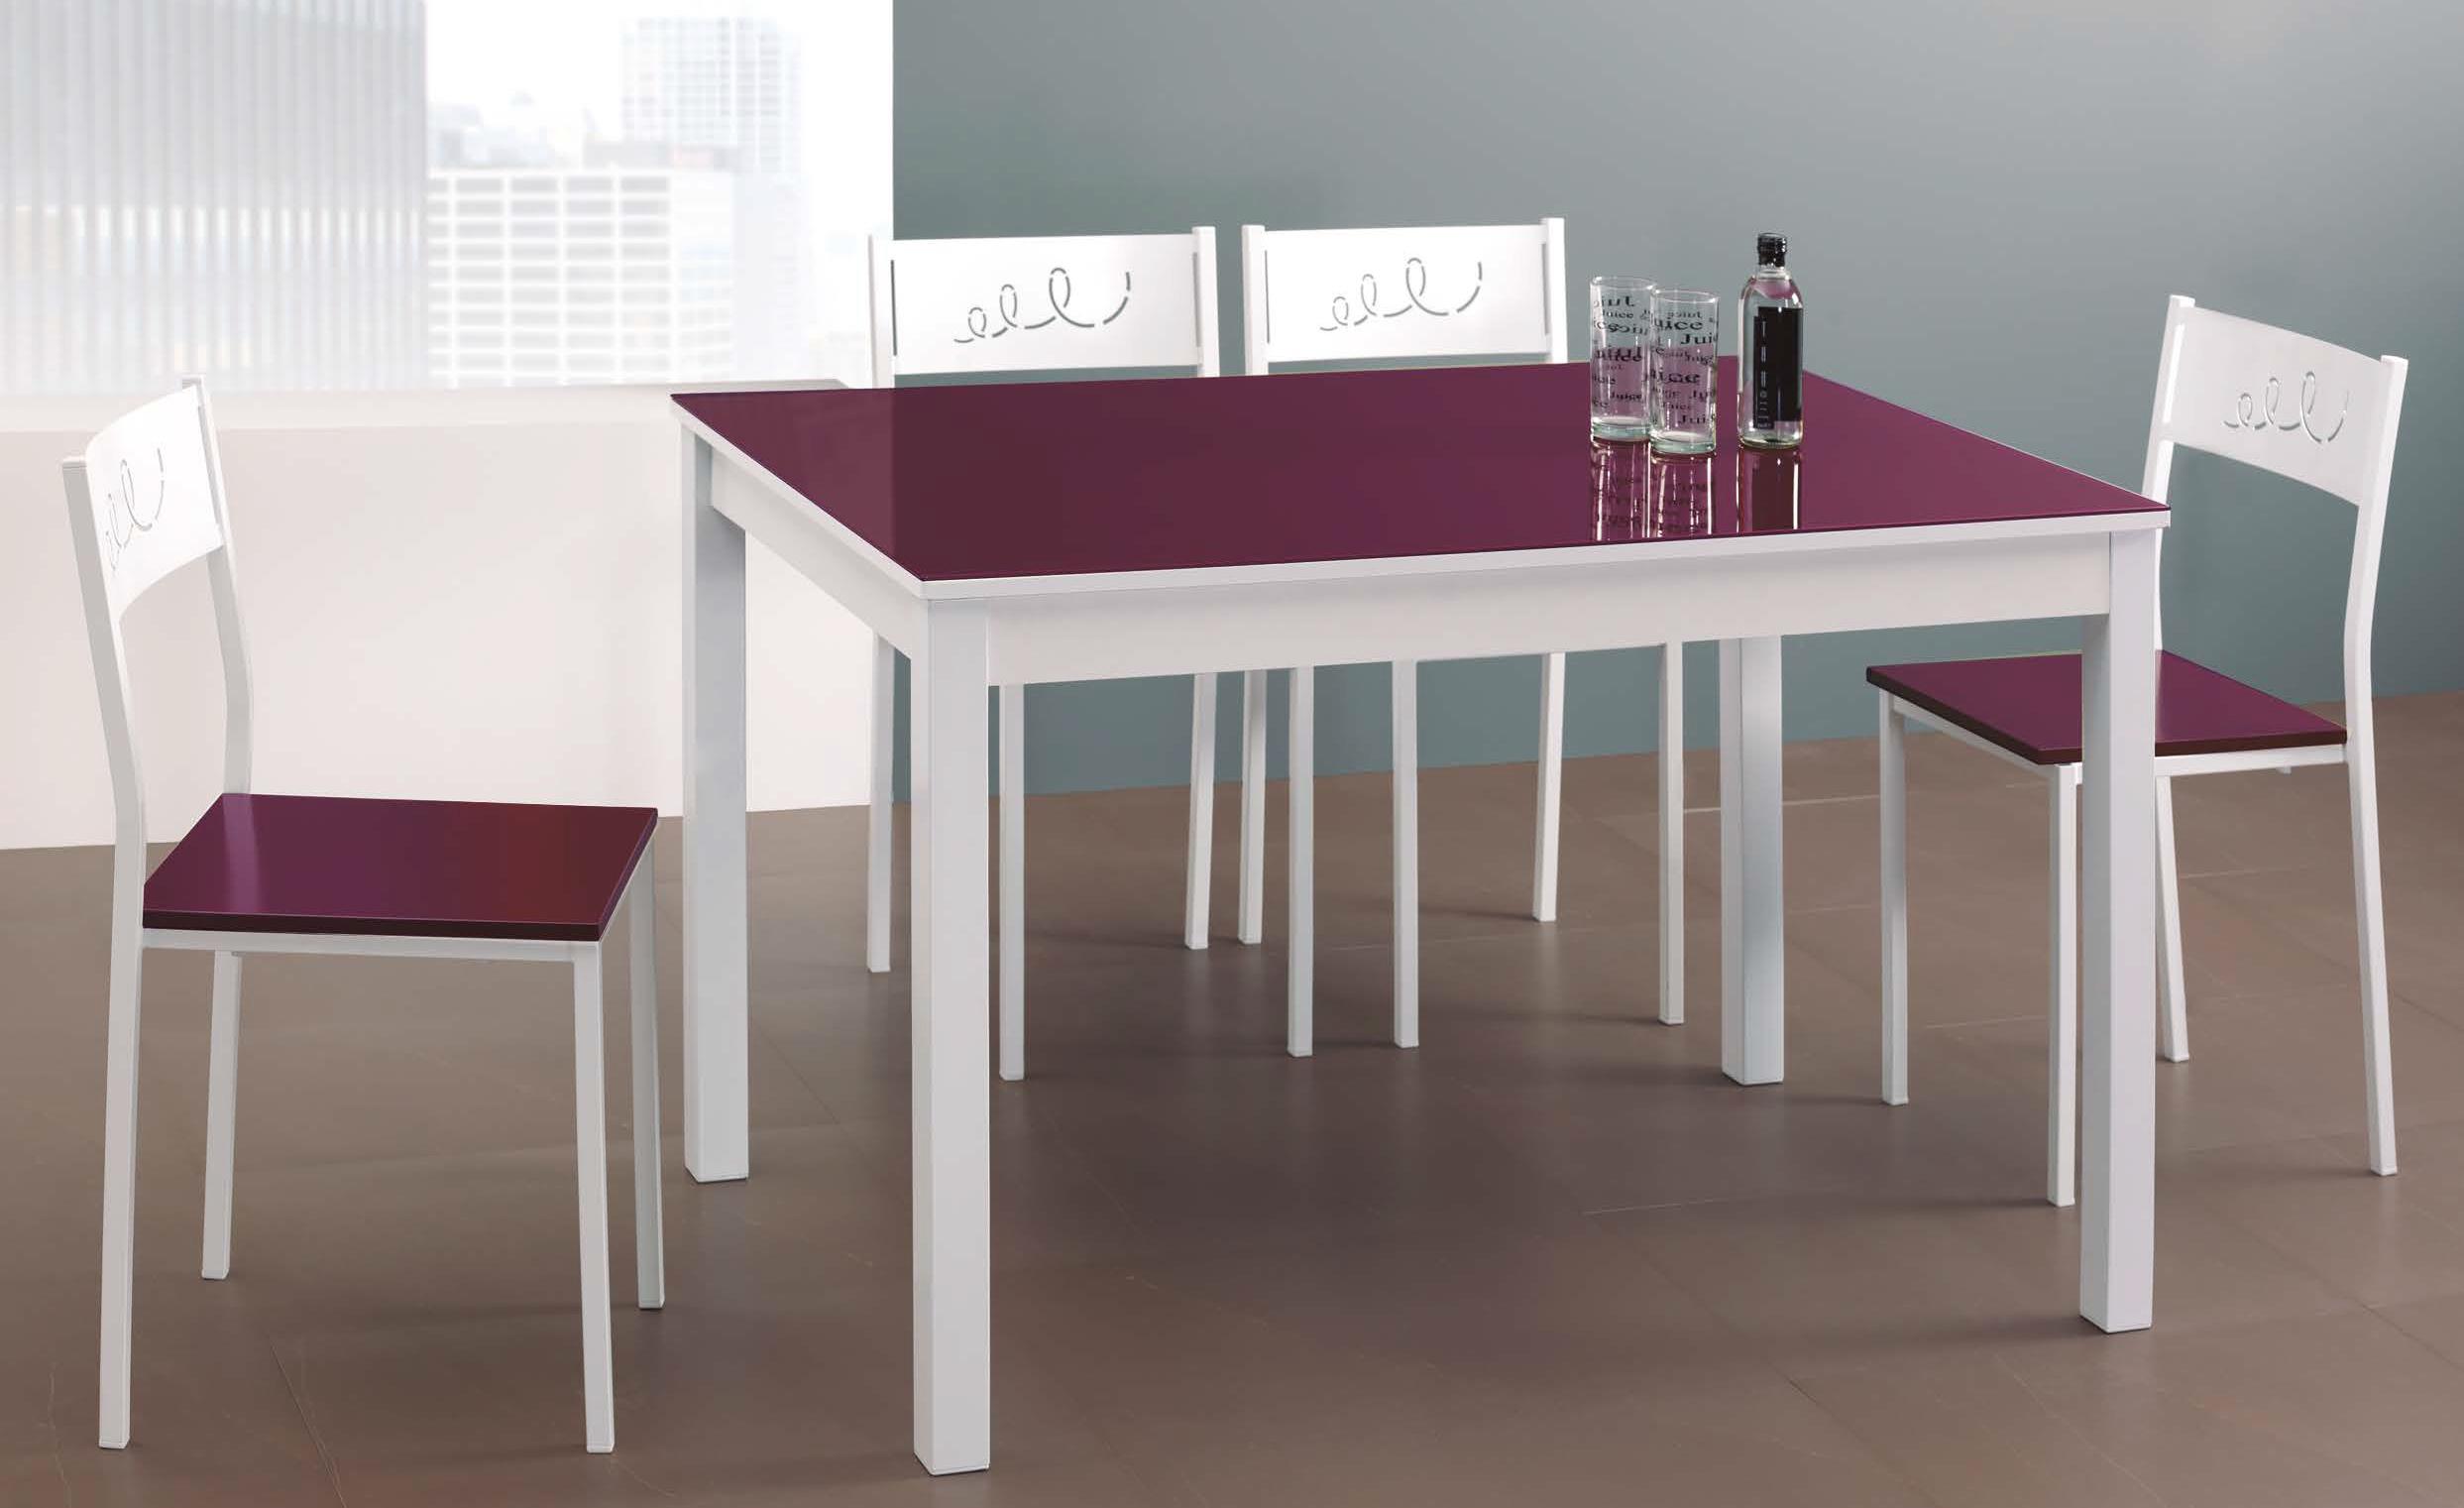 mesas-y-sillas-de-cocina-Low-2018-muebles-paco-caballero-209-5c9524657effe